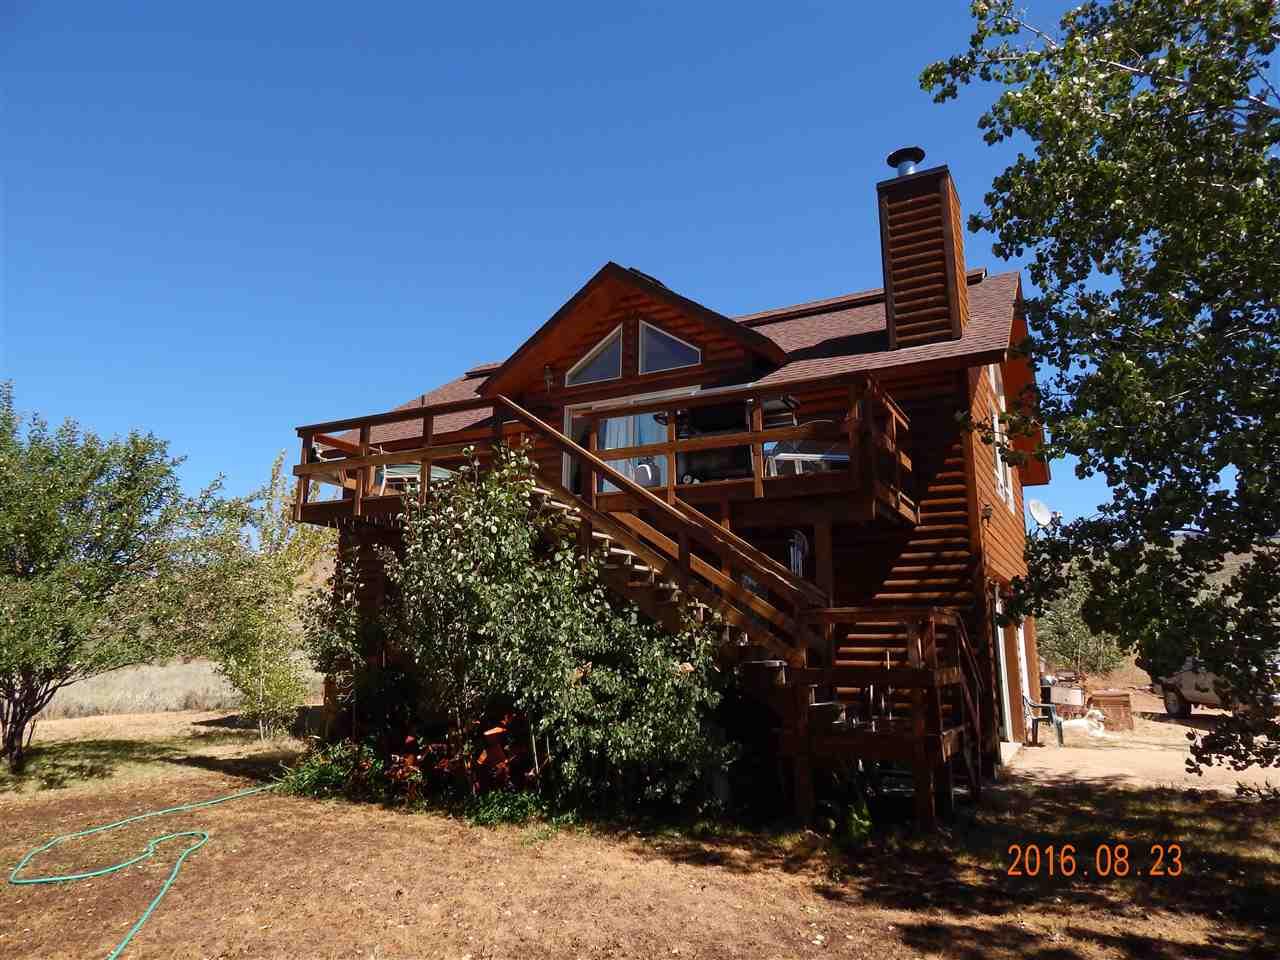 独户住宅 为 销售 在 142 Wells Summit Loop 142 Wells Summit Loop 费尔菲尔德, 爱达荷州 83327